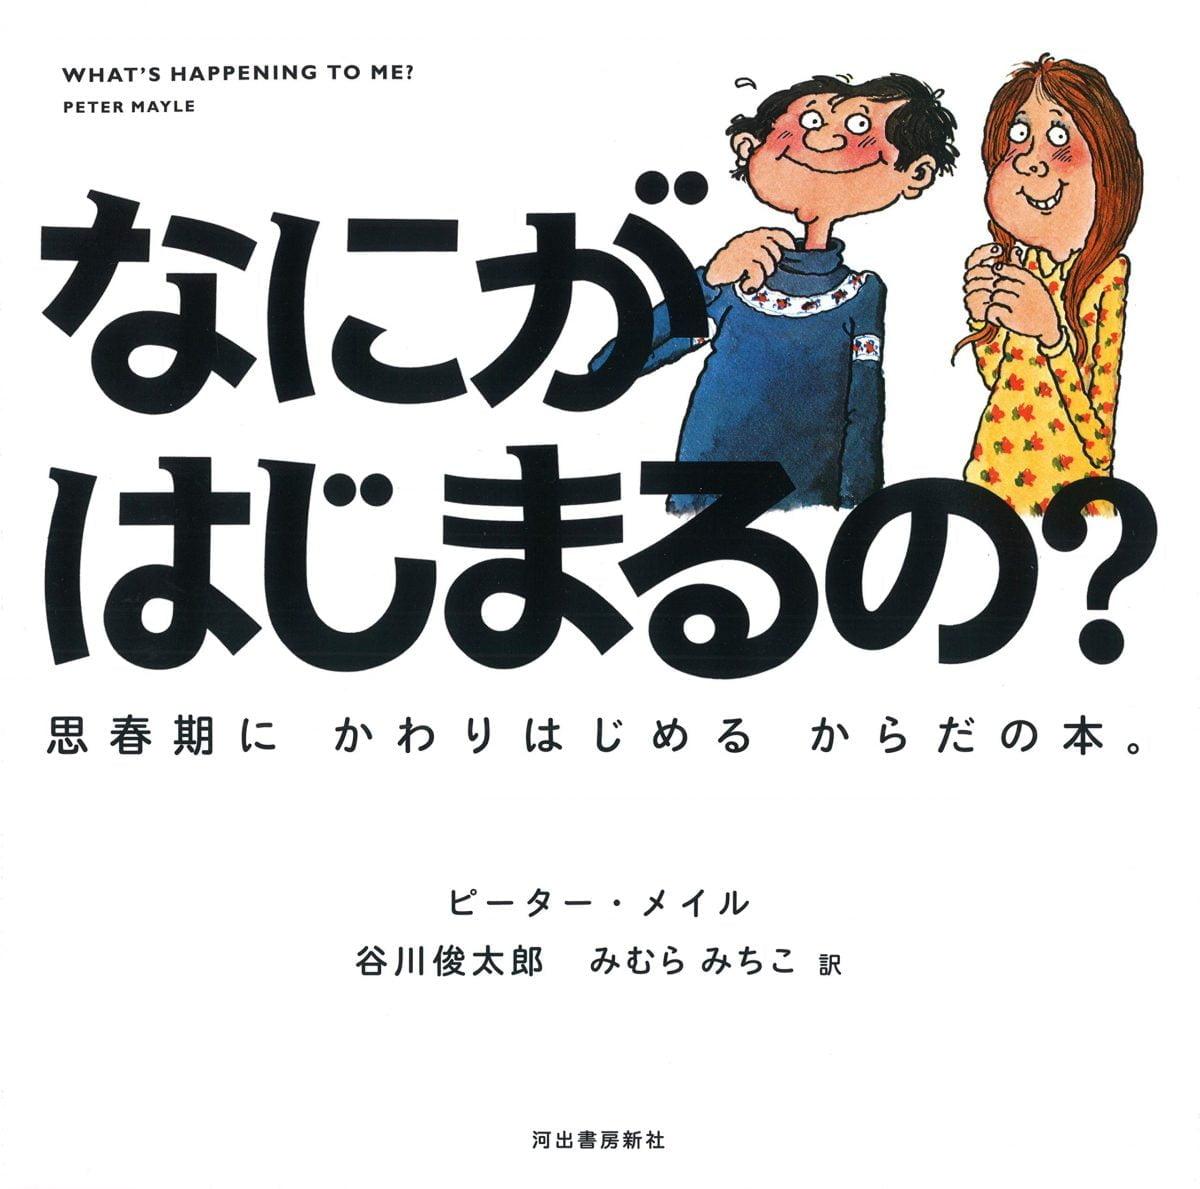 絵本「なにがはじまるの?」の表紙